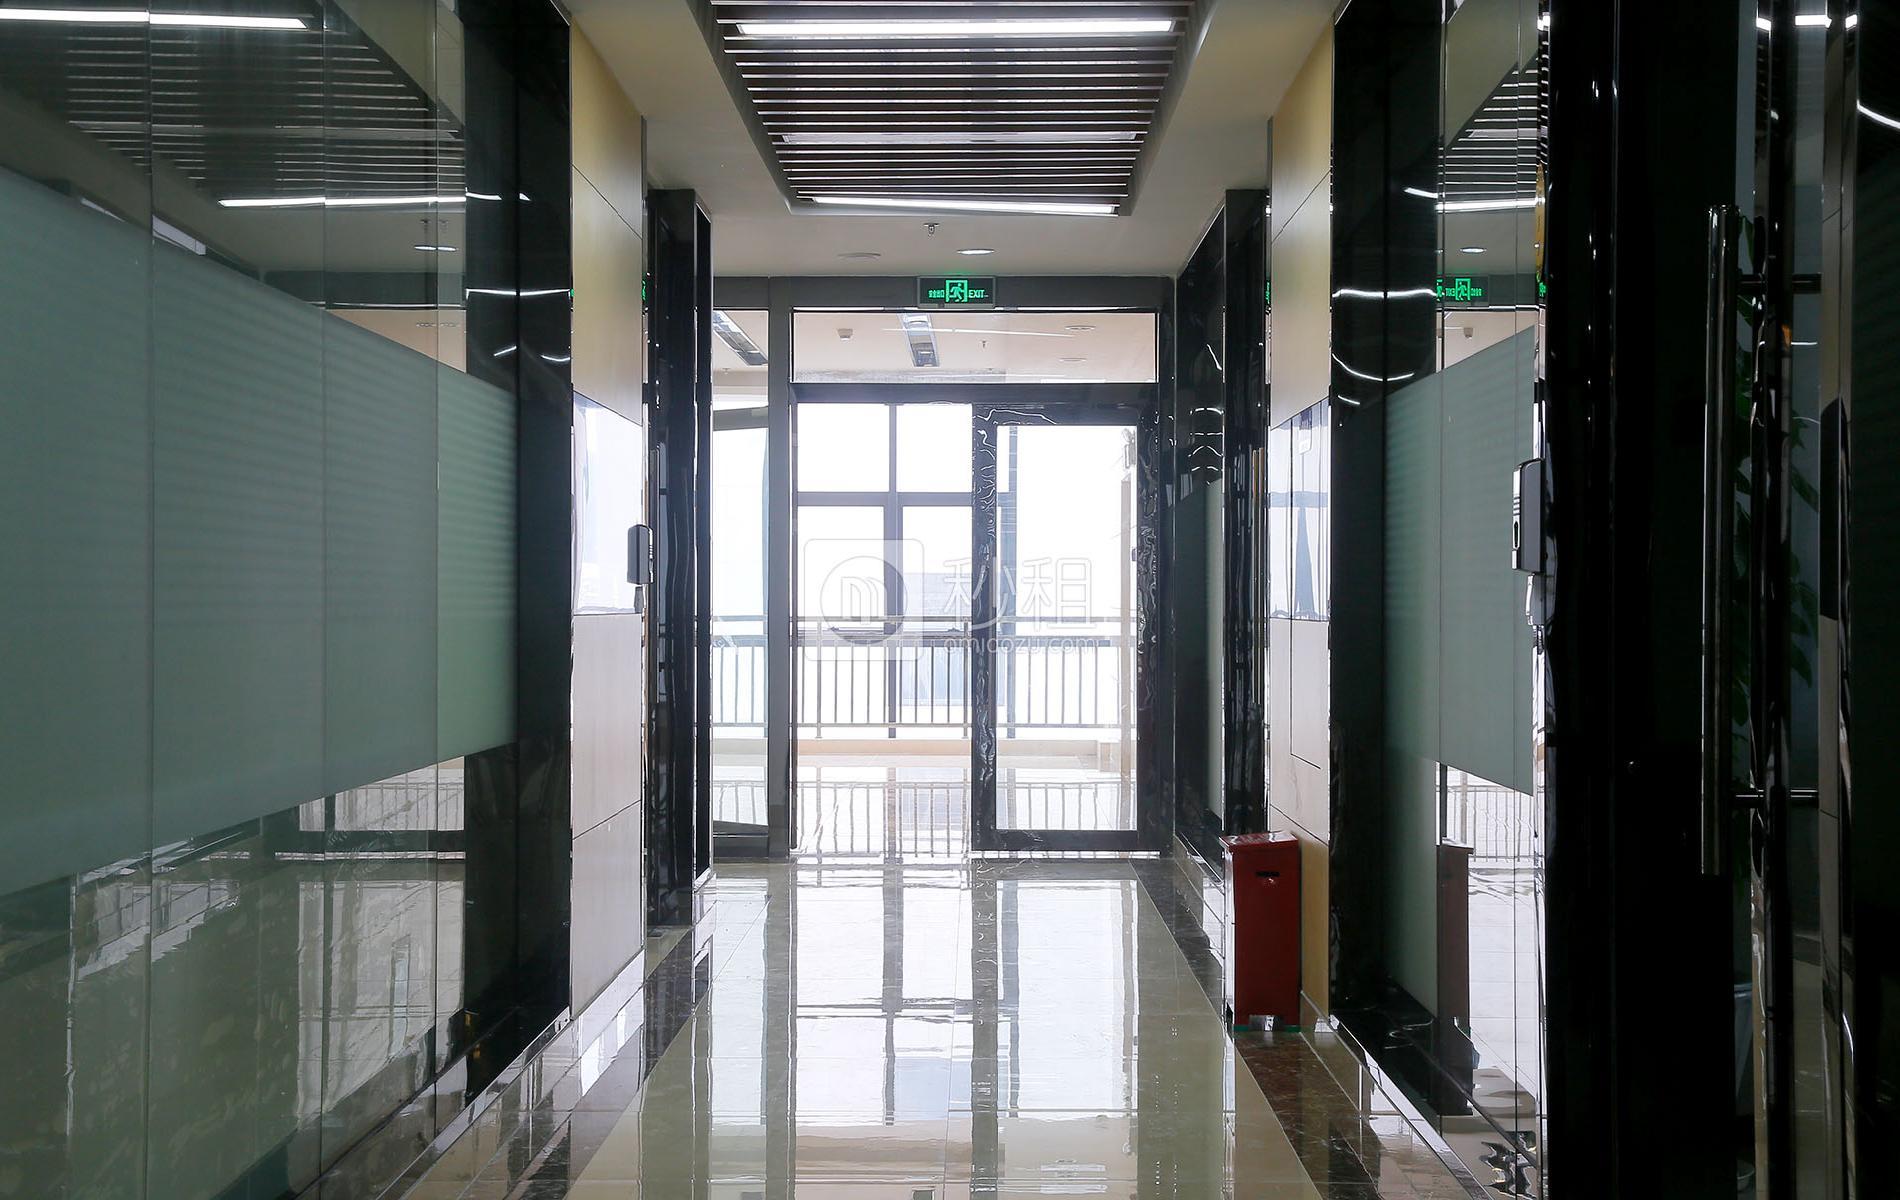 健兴科技大厦写字楼出租/招租/租赁,健兴科技大厦办公室出租/招租/租赁